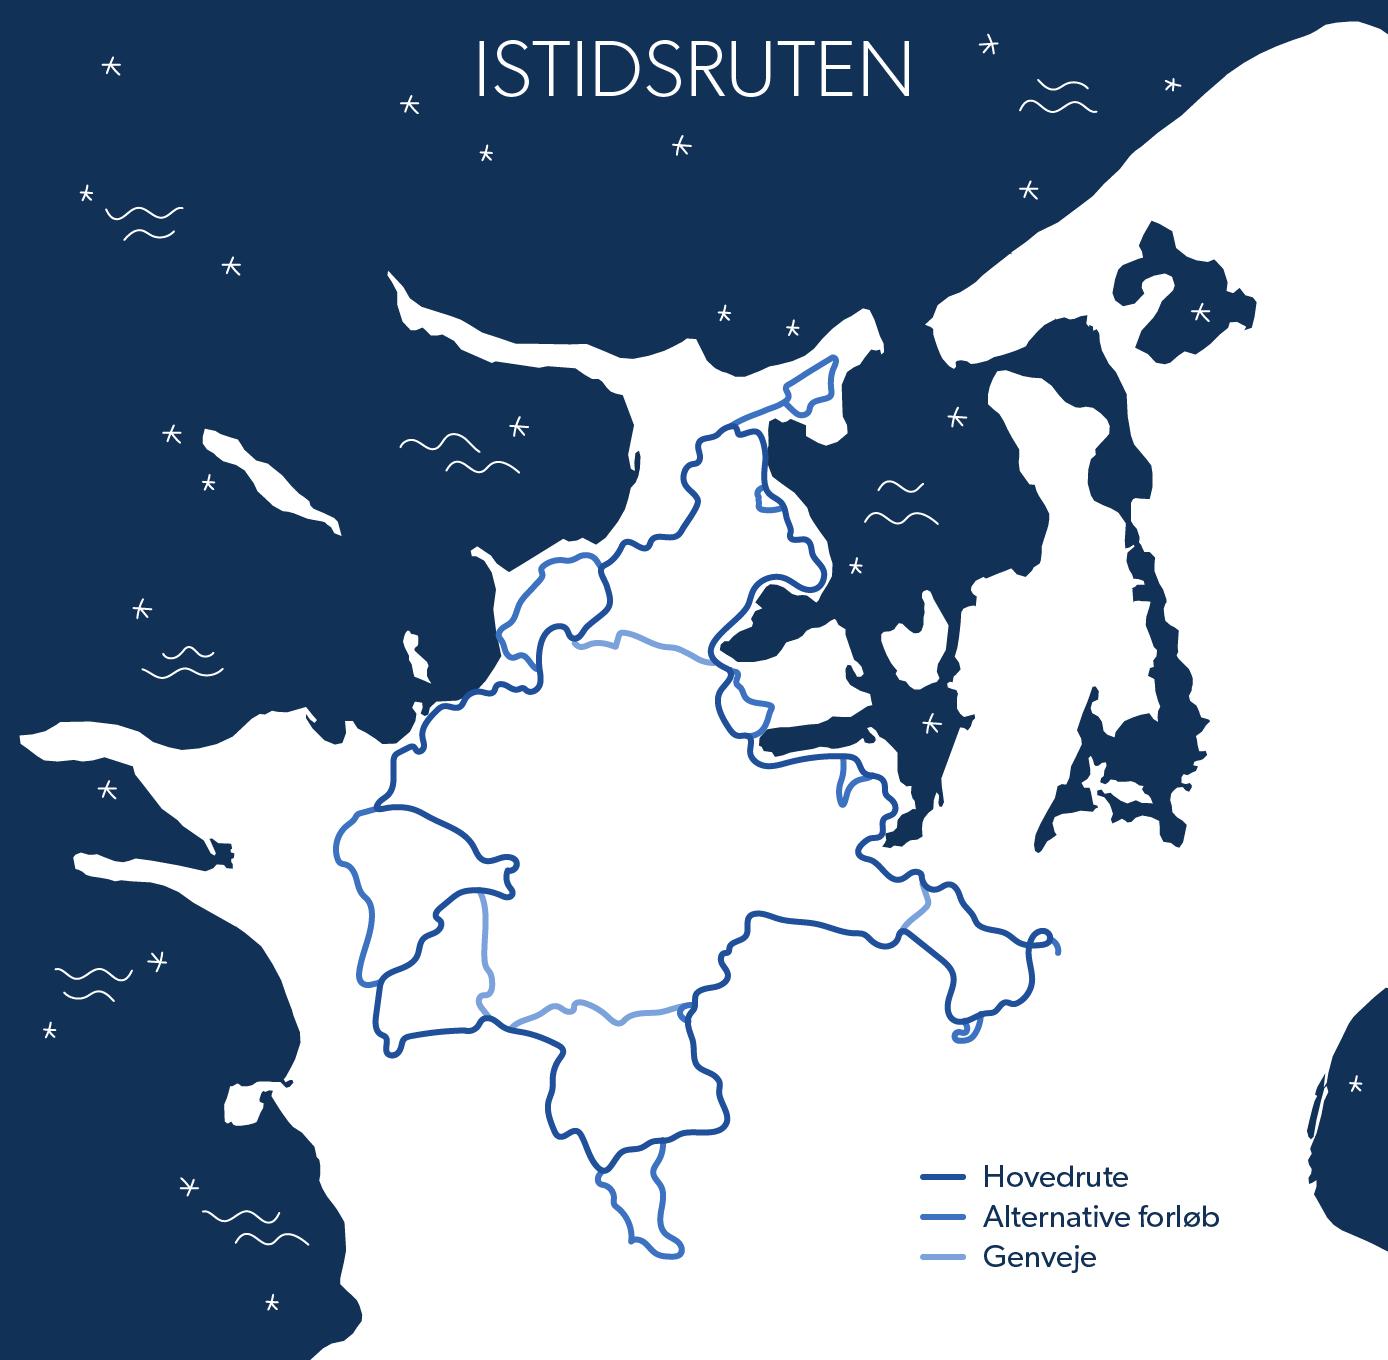 """Istidsruten kommer til at gå fra Odsherred i nord til Sorø i syd. Der bliver lagt små lokale """"sløjfer"""" ind i ruten, hvis der er en interessant lokal oplevelse."""